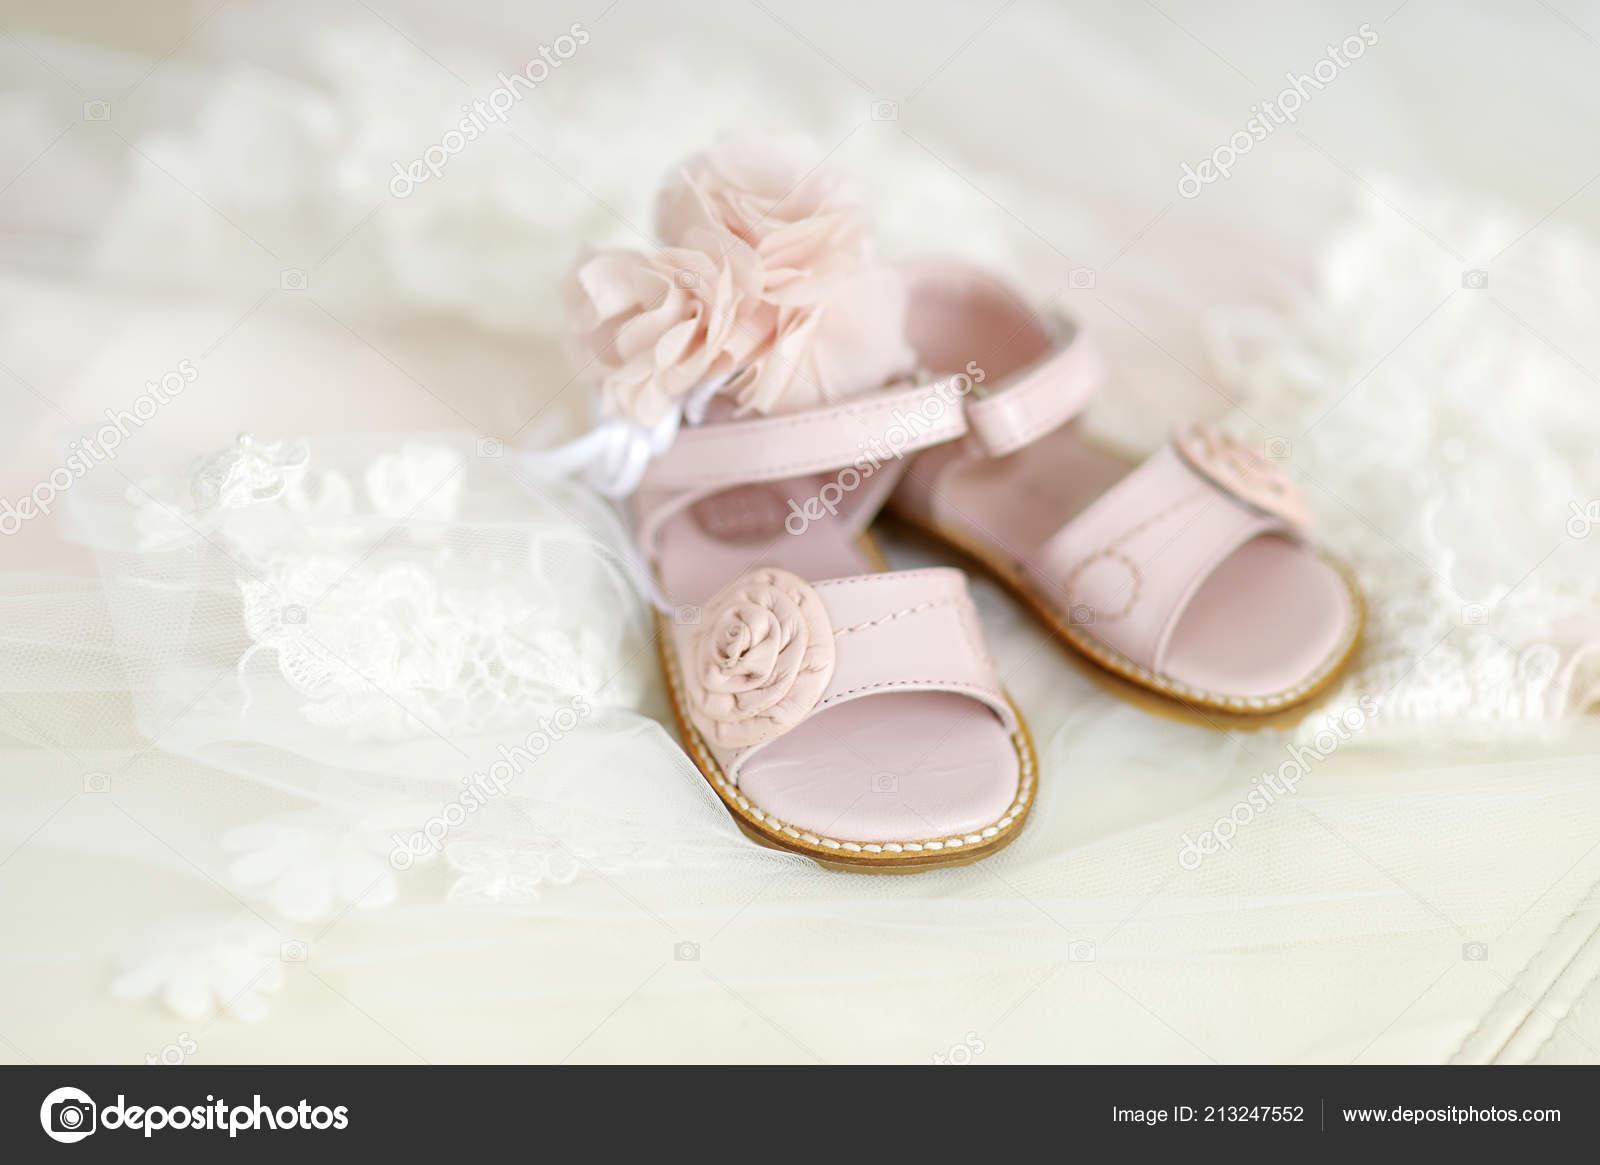 592ebc181 Niña Bautizo Zapatos Diadema Flores — Fotos de Stock © maximkabb ...